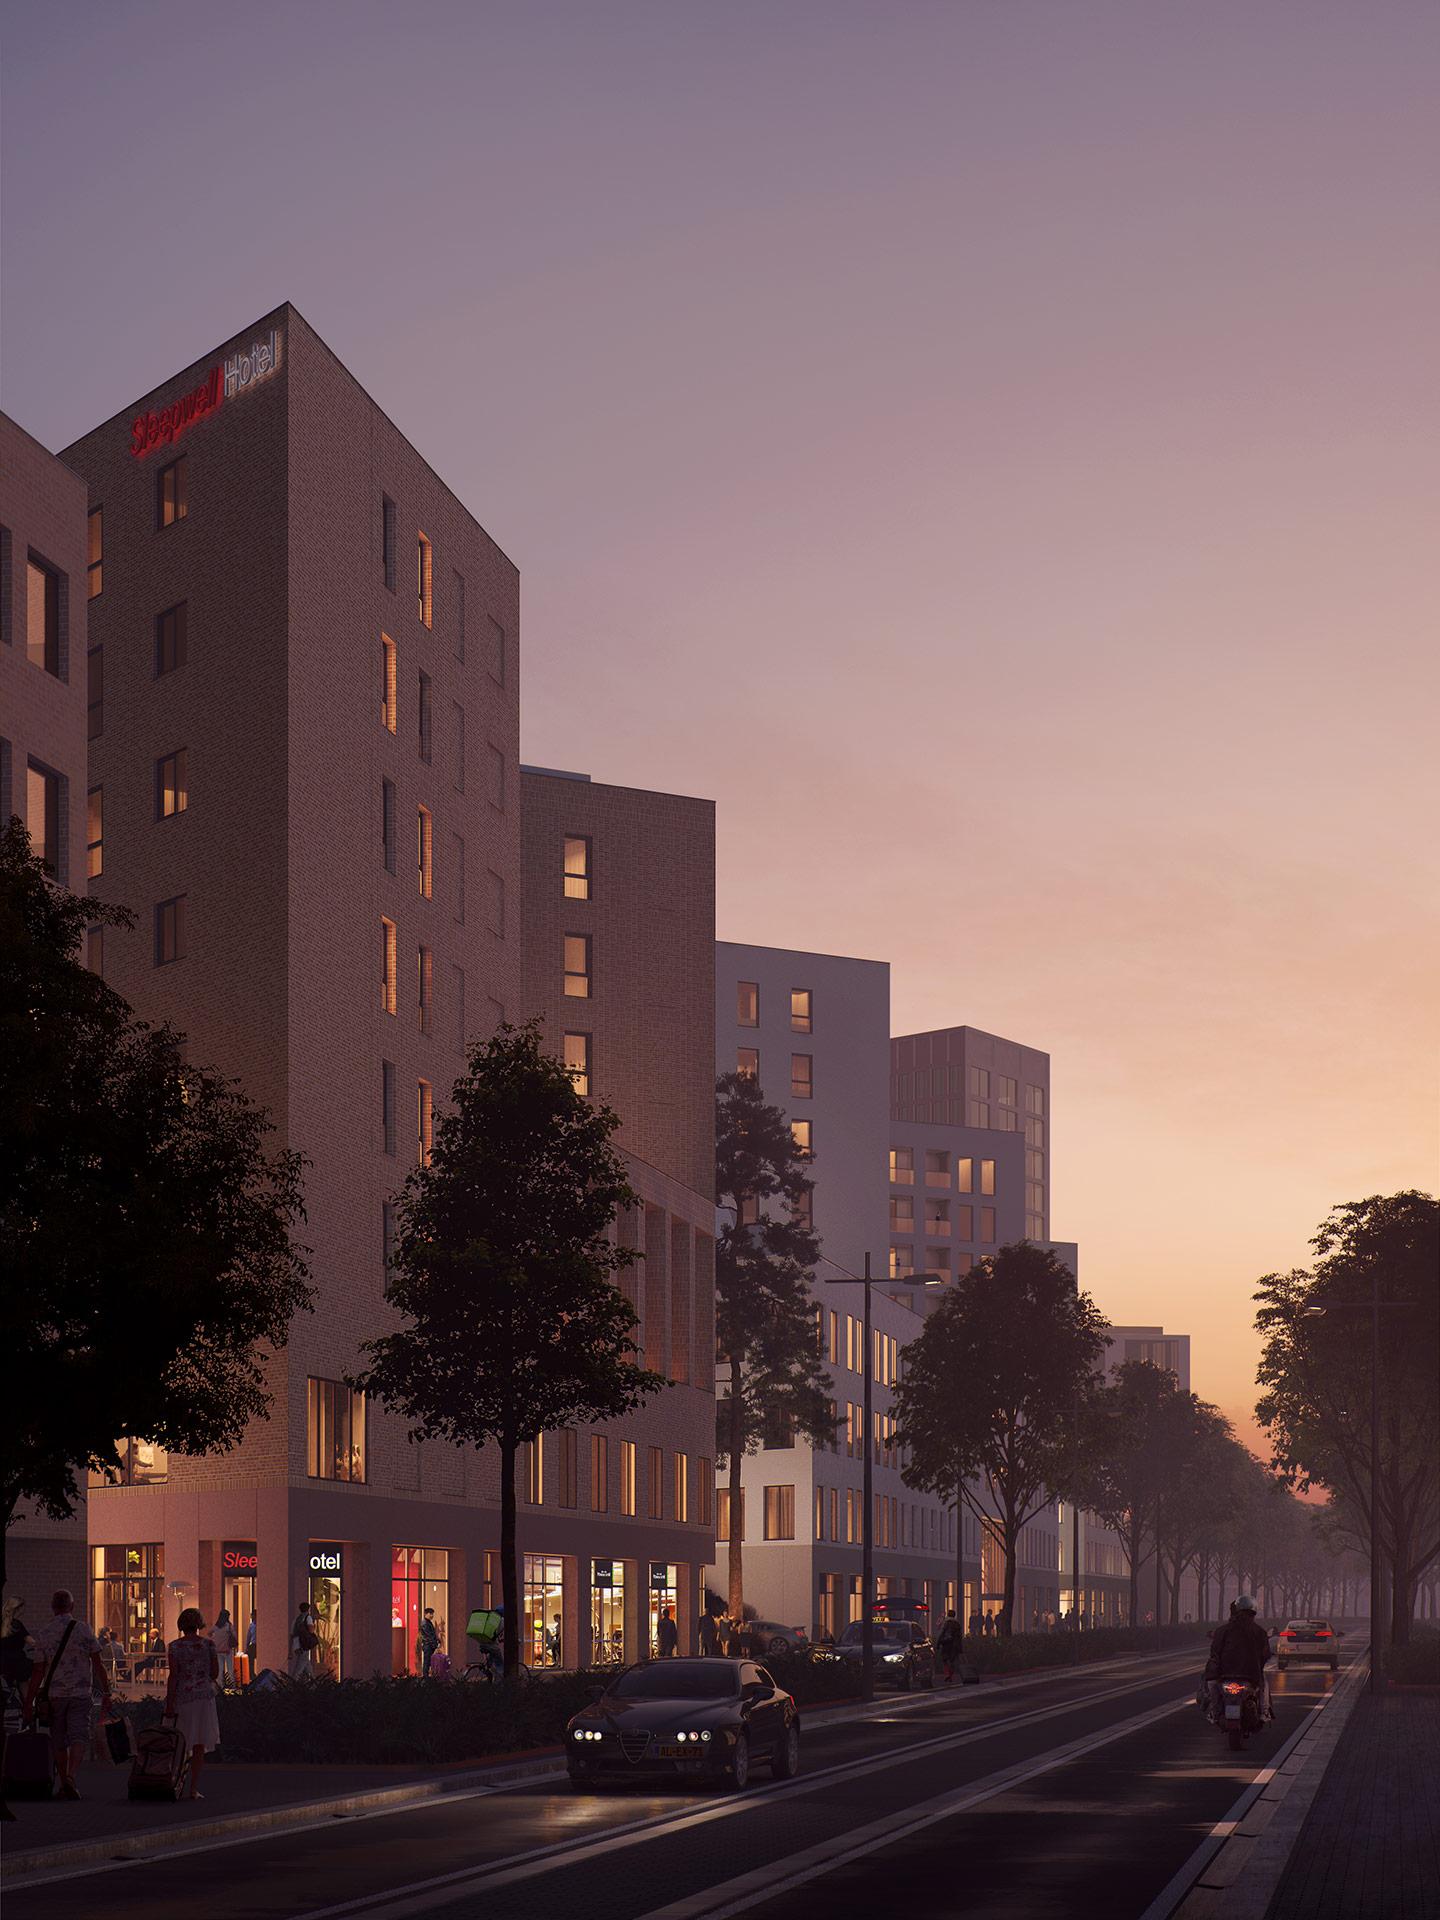 Nieuwbouw Breda - Blades Final - 5Tracks Breda